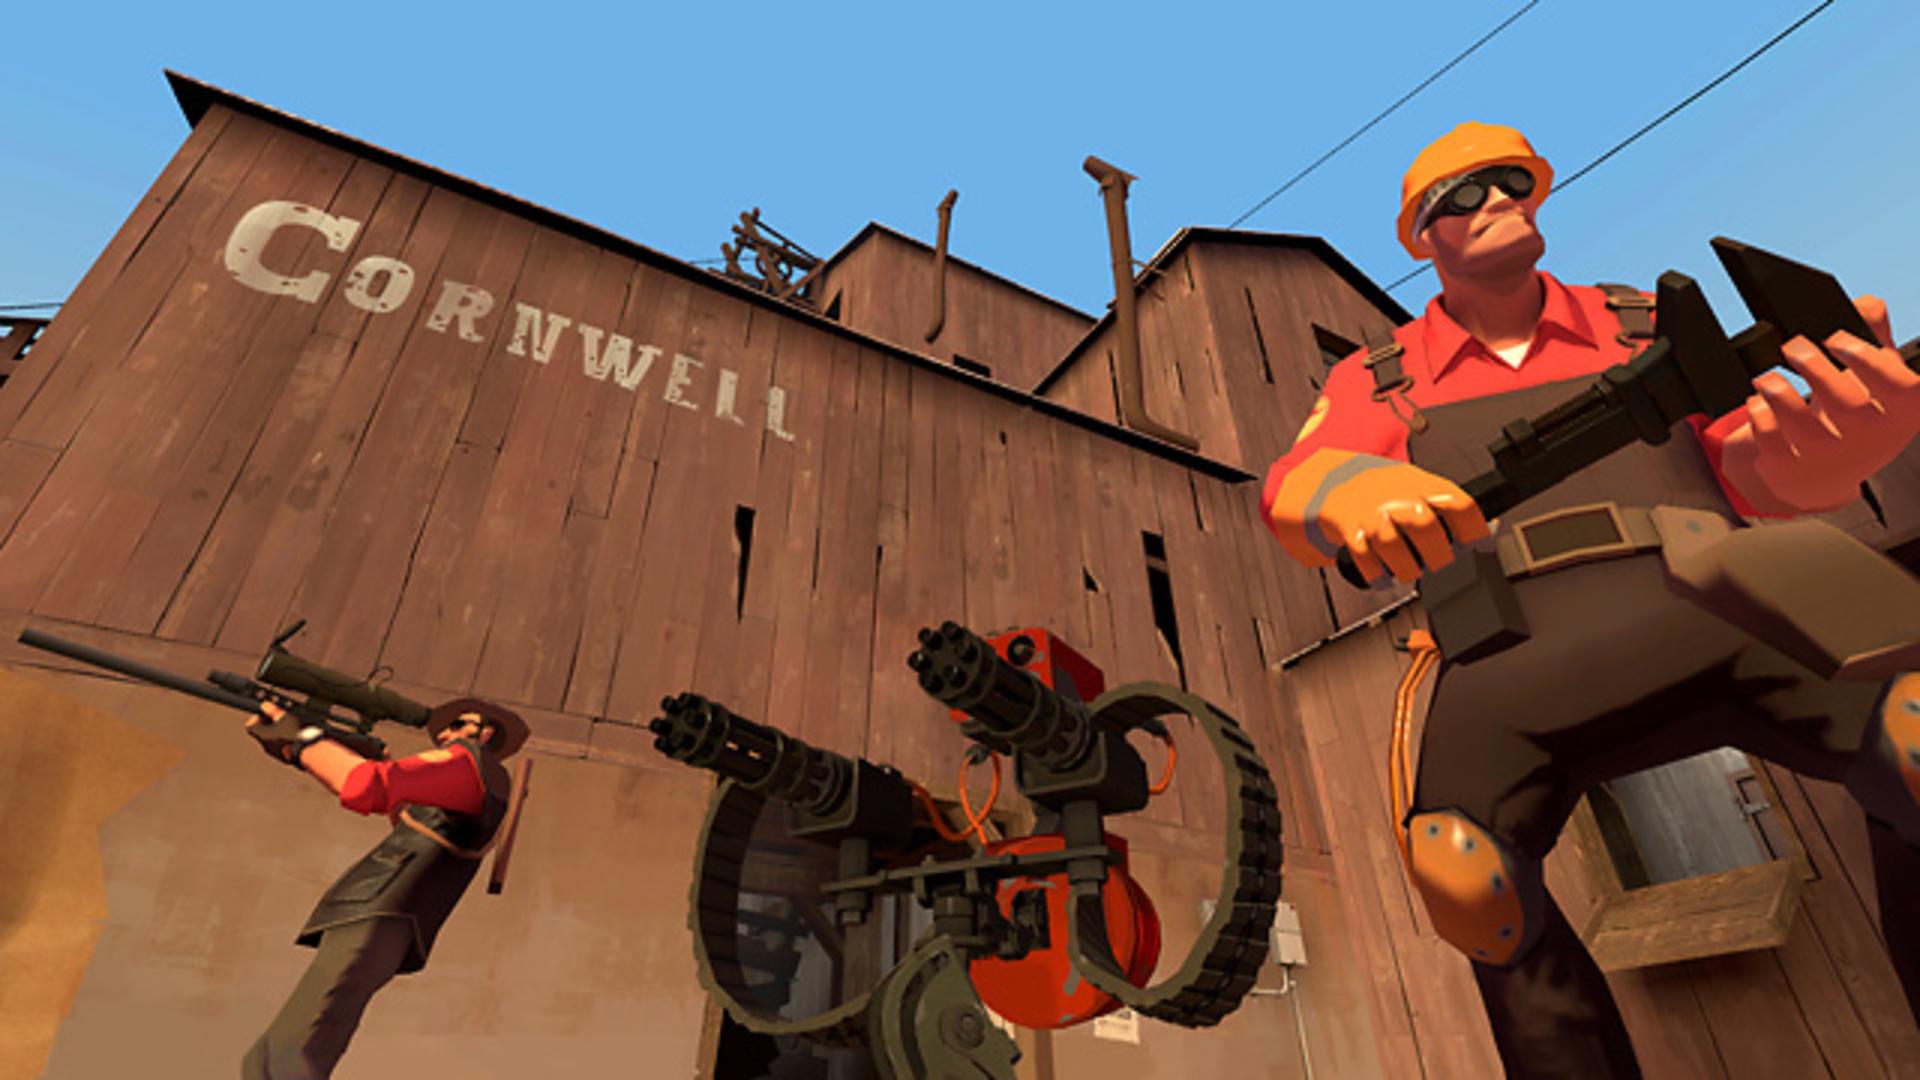 Valve hat möglicherweise 67.000 US-Dollar durch den Team Fortress 2-Economy-Bug verdient 1